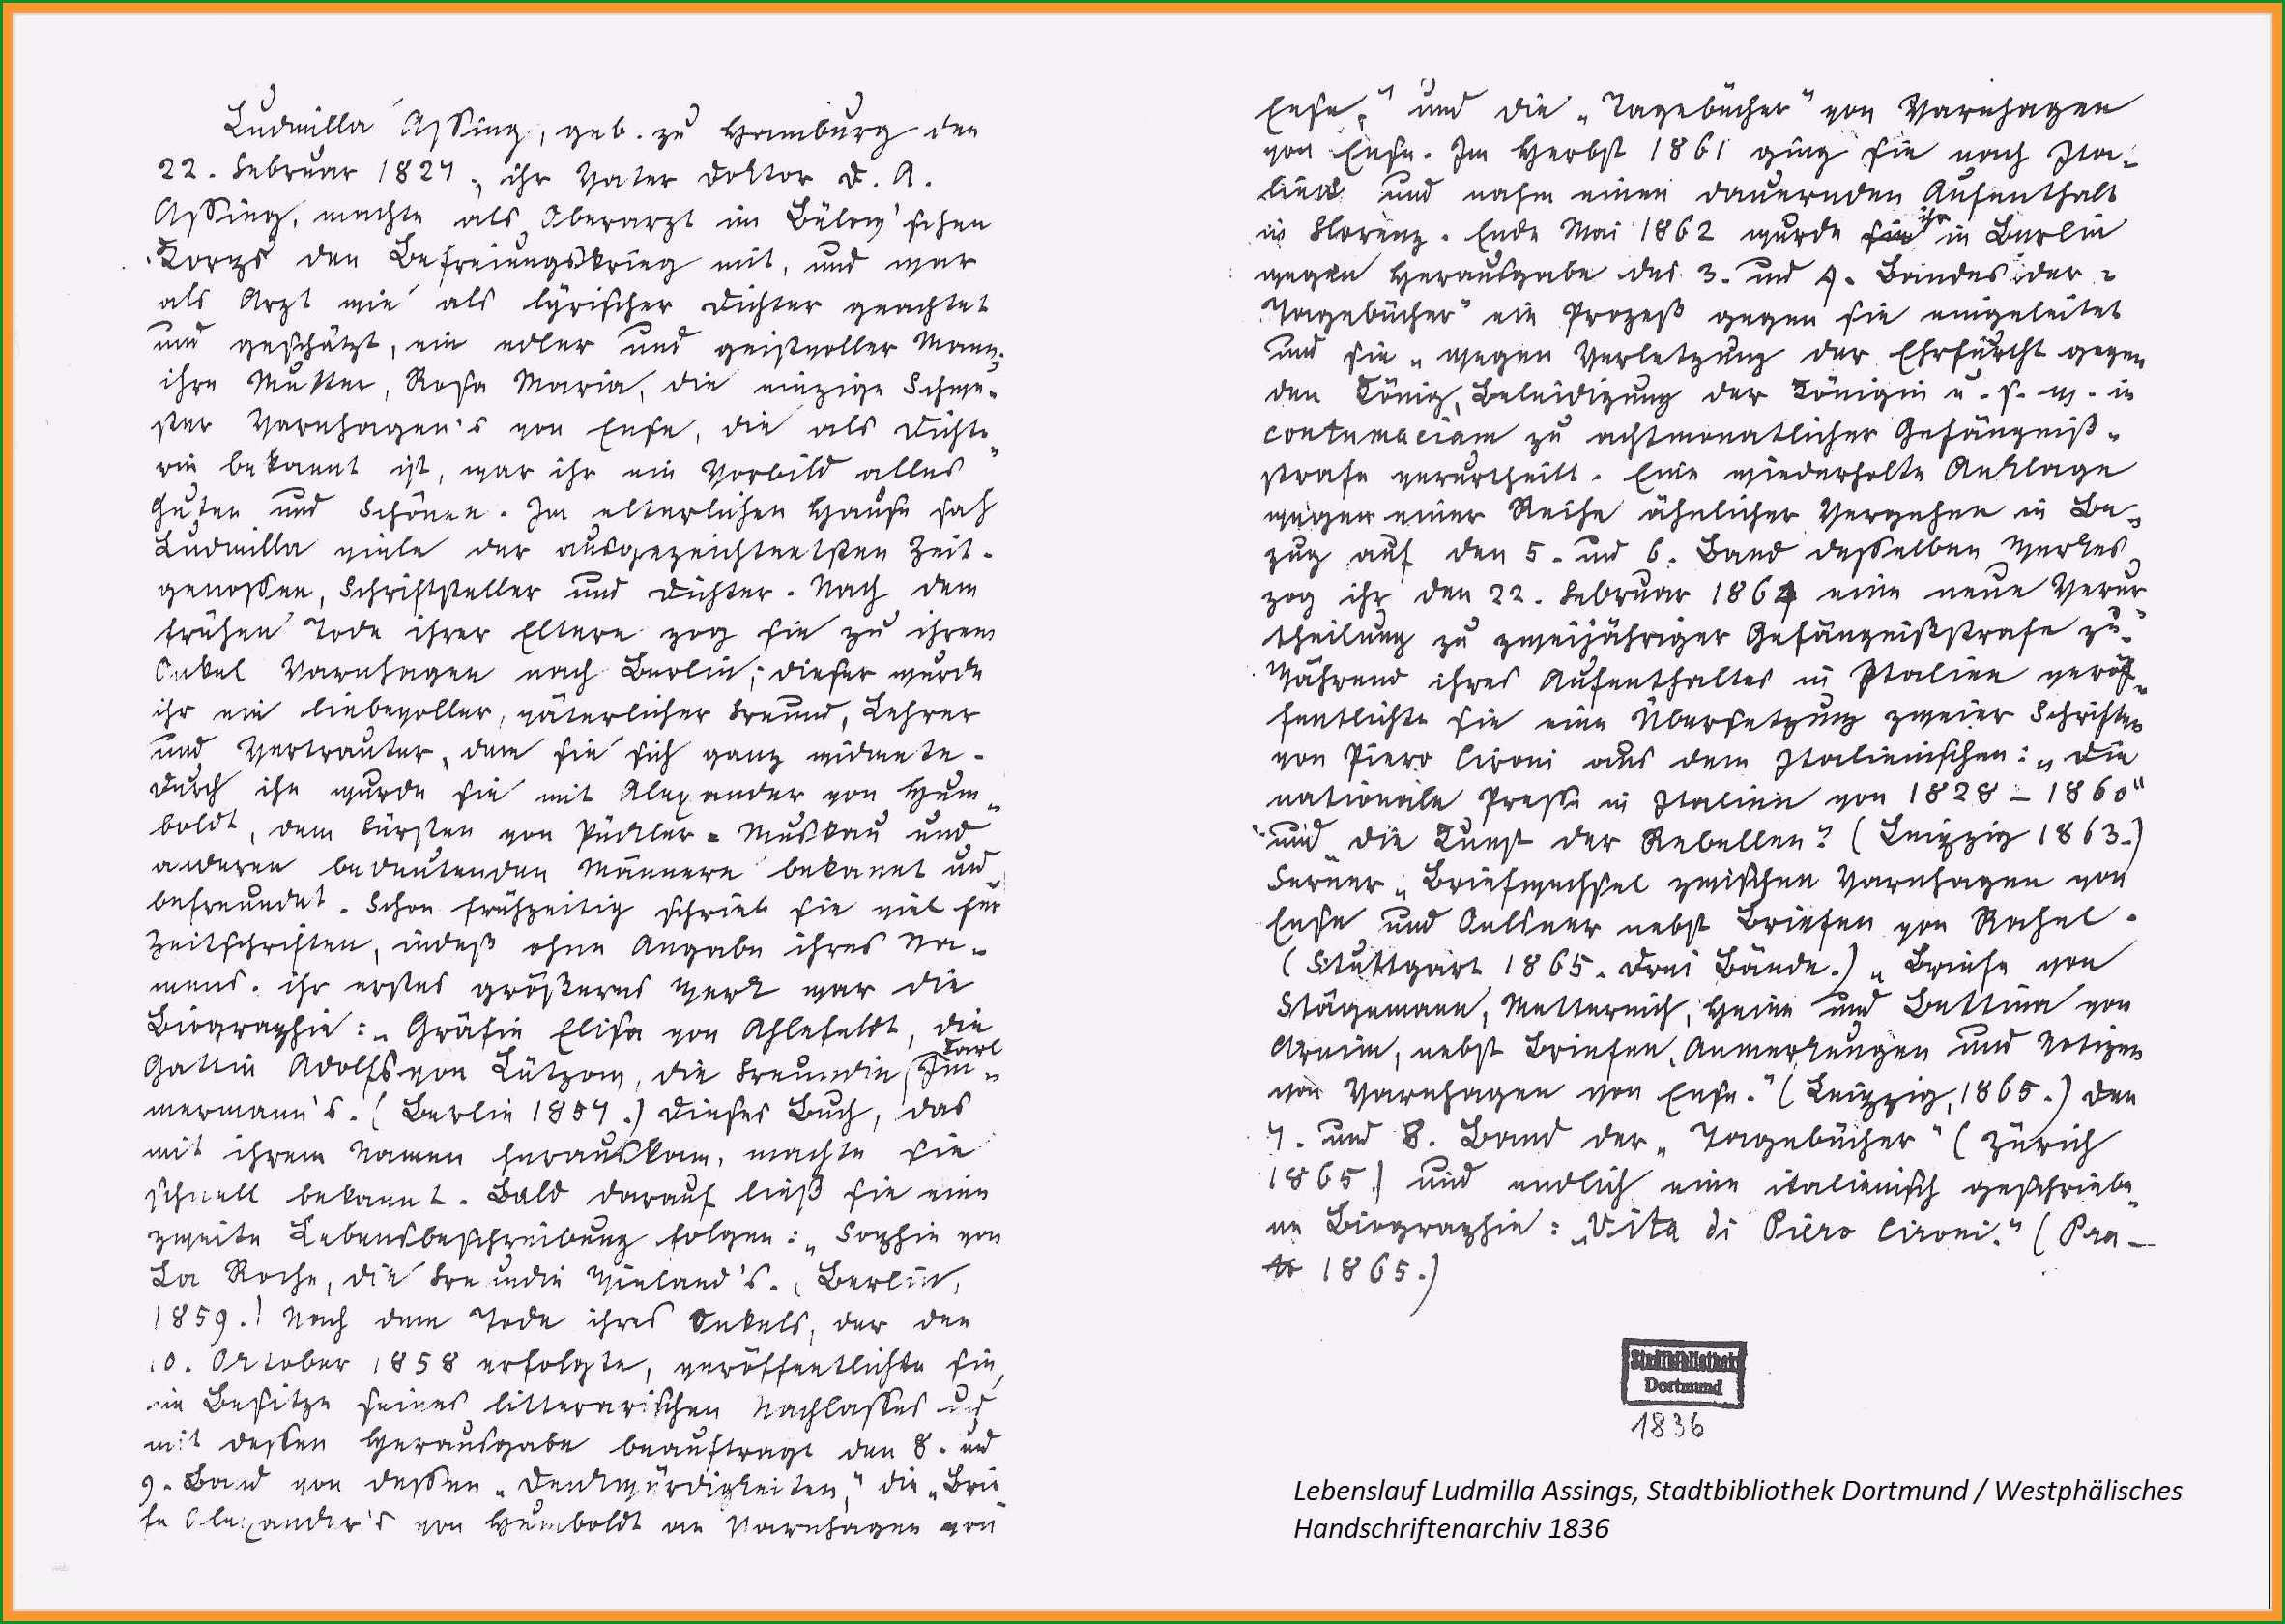 0 1 ausfuhrlicher lebenslauf handschriftlich